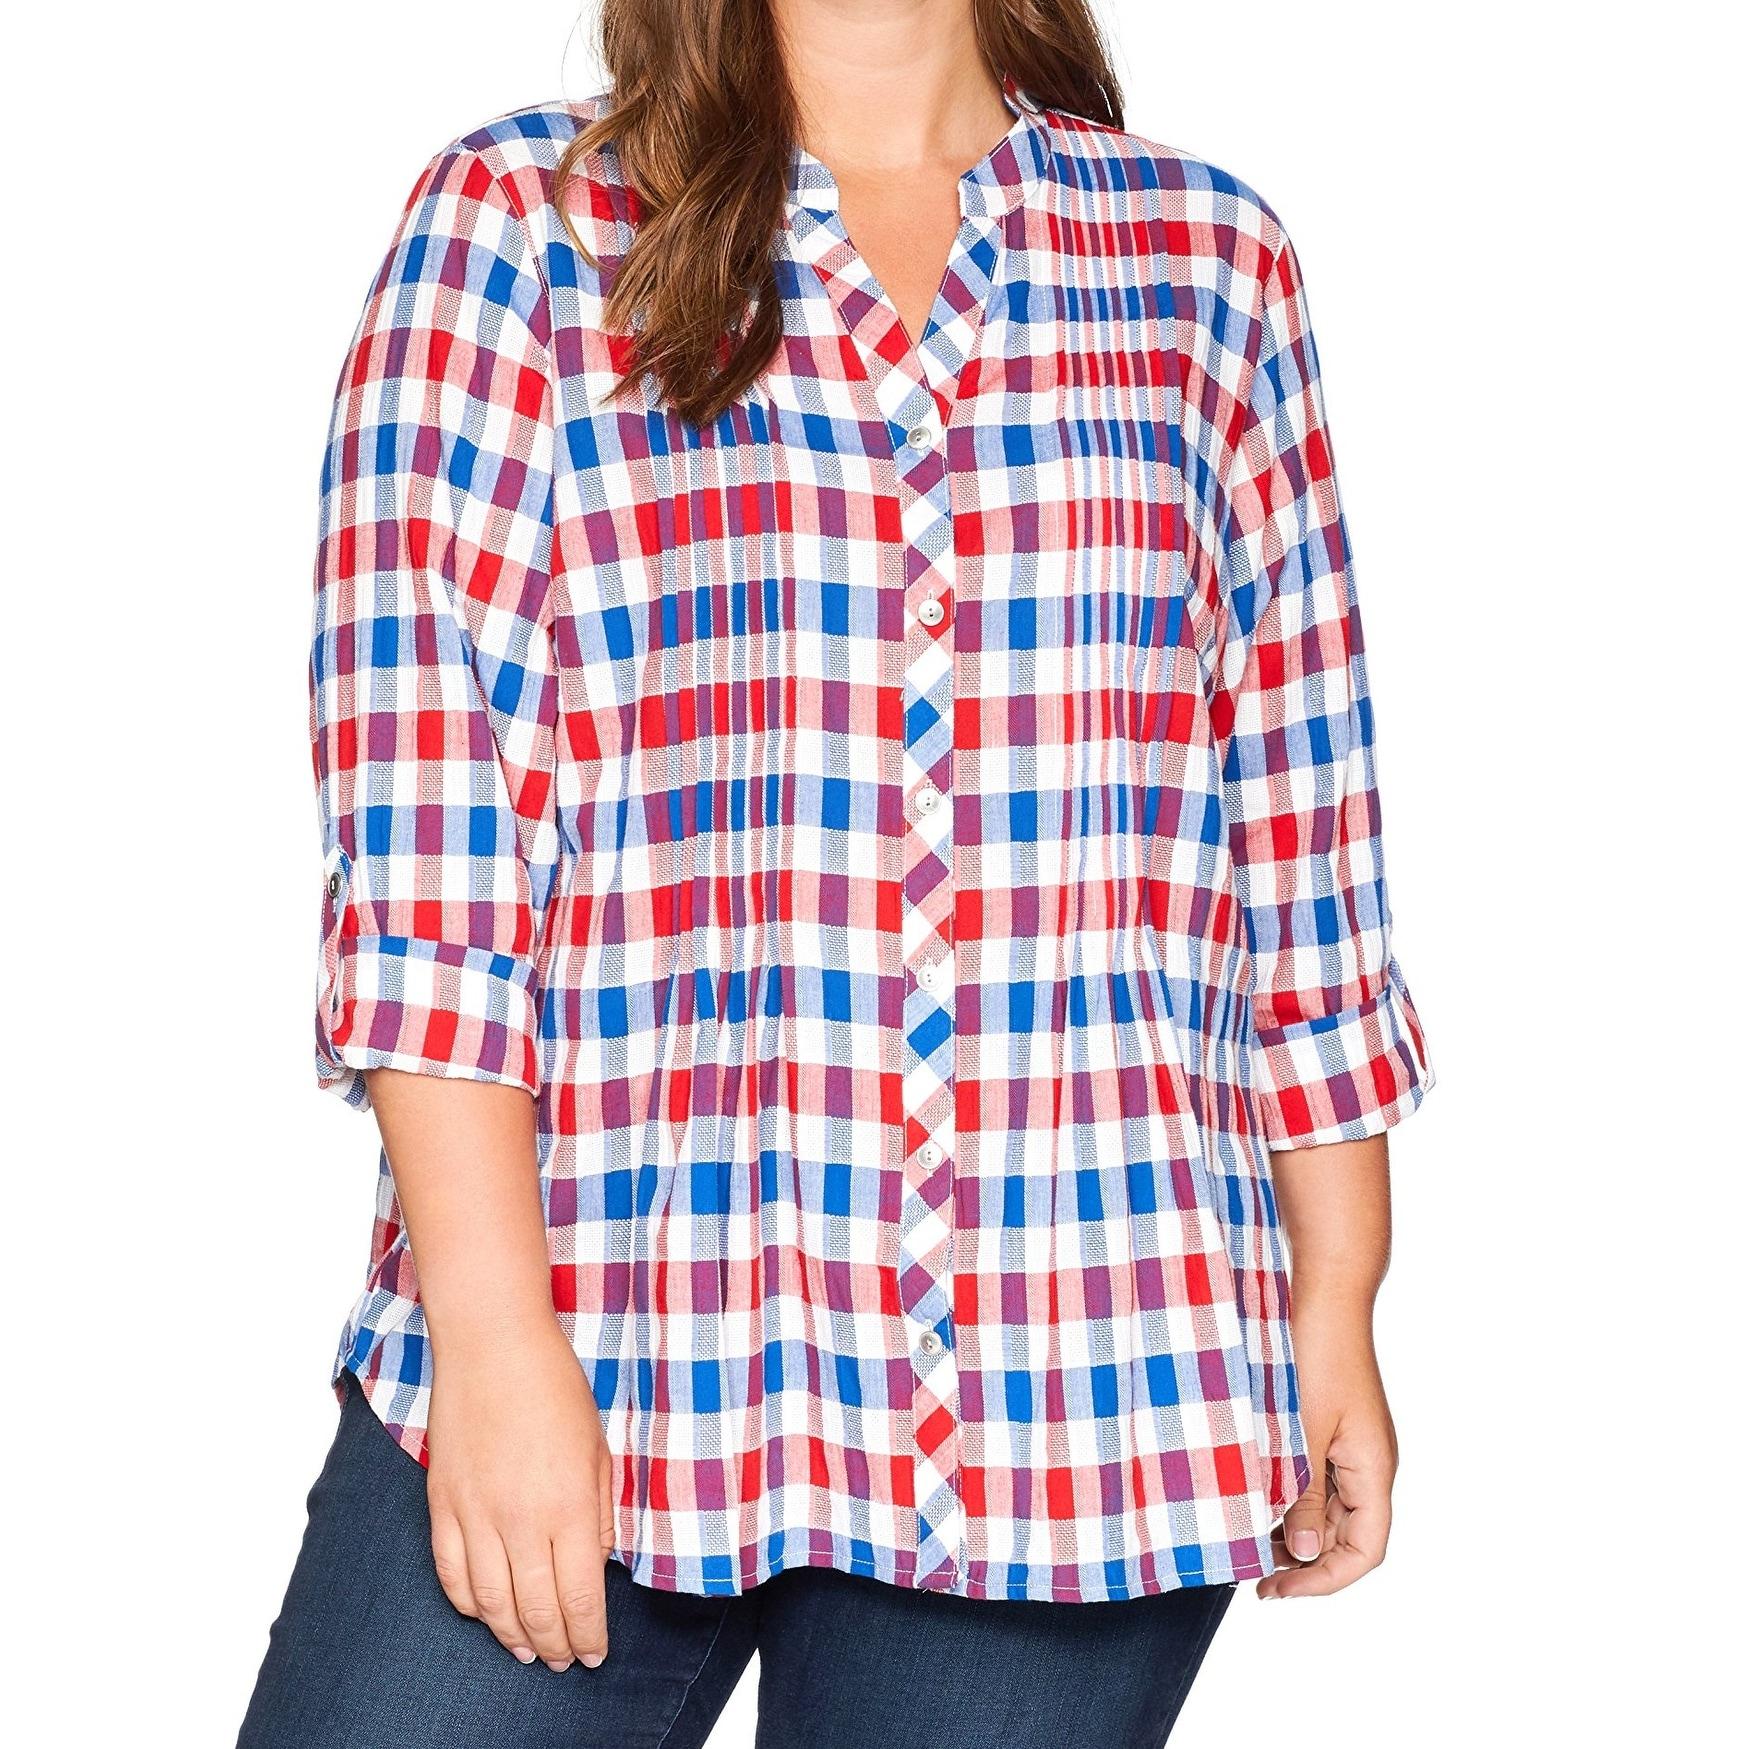 9640e3e483d Red Plaid Button Down Shirt Womens - DREAMWORKS